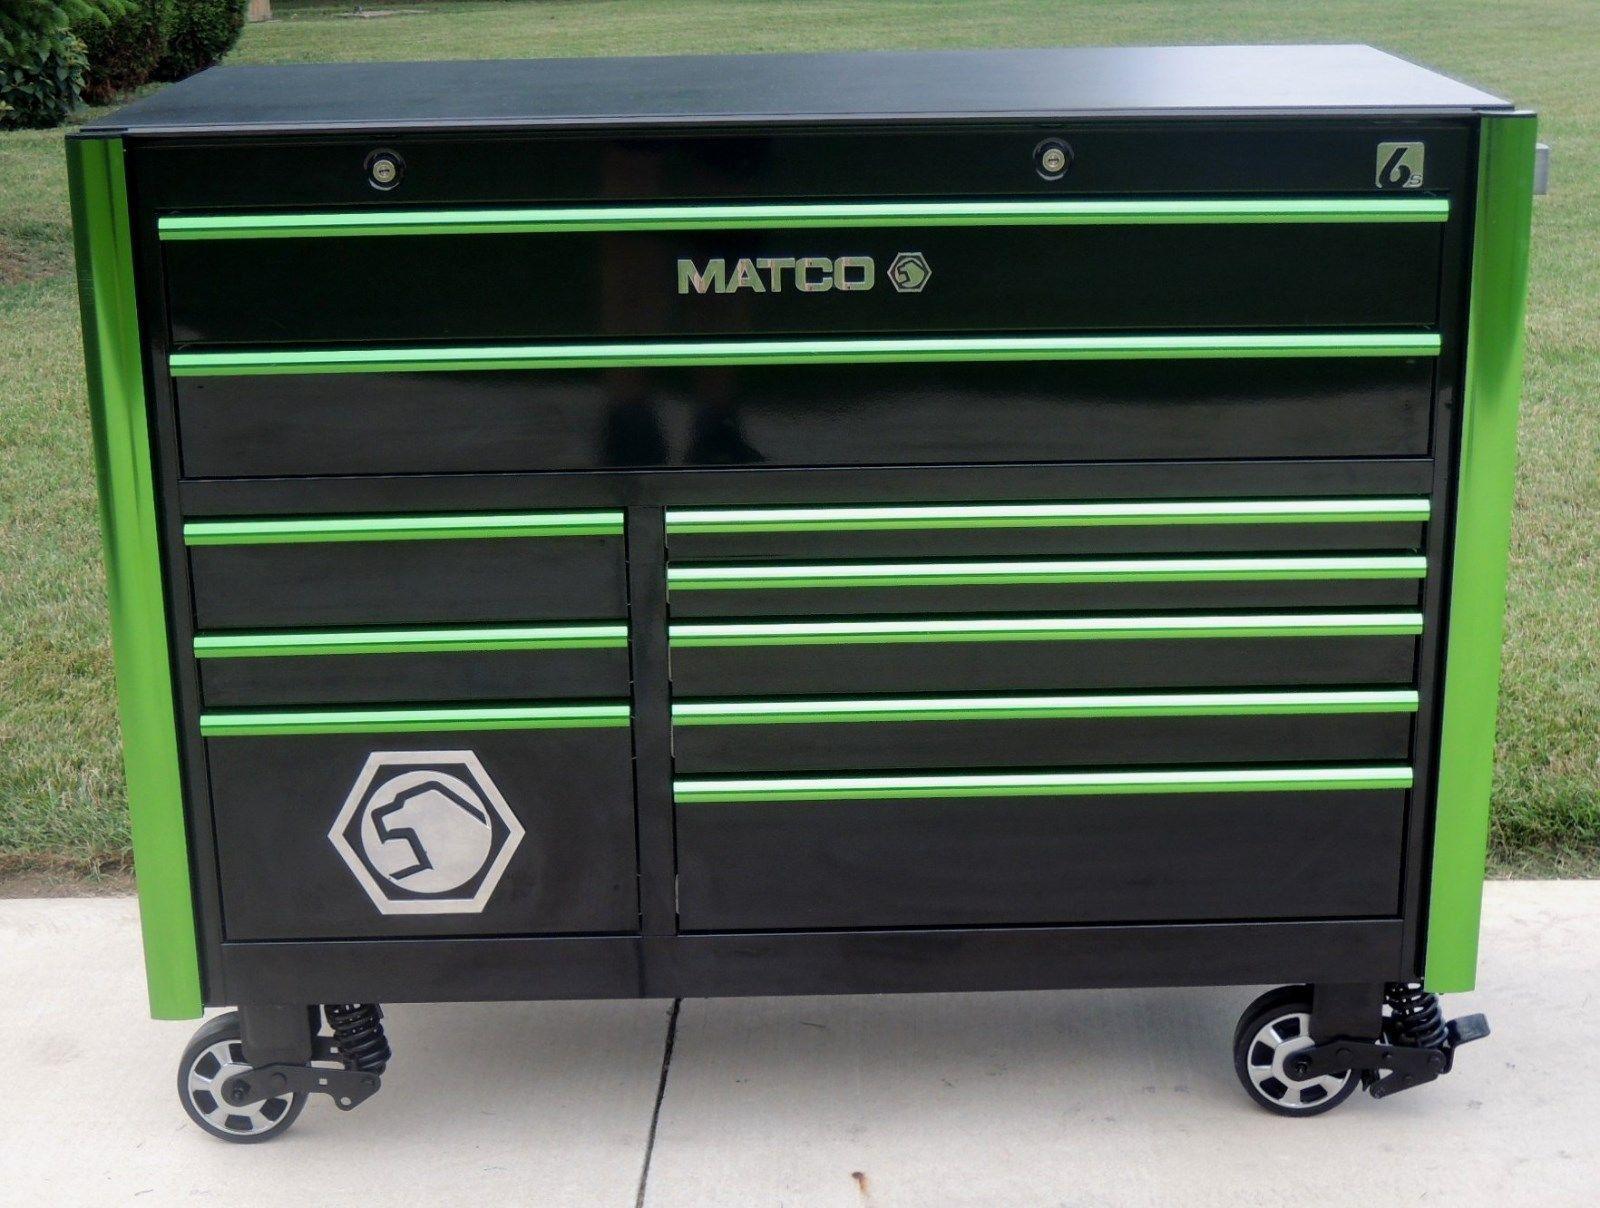 Matco Tools 6228rx 6s Black Green Trim Tool Box Toolbox Phenolic Top Tool Box Tool Box Storage Matco Tool Box